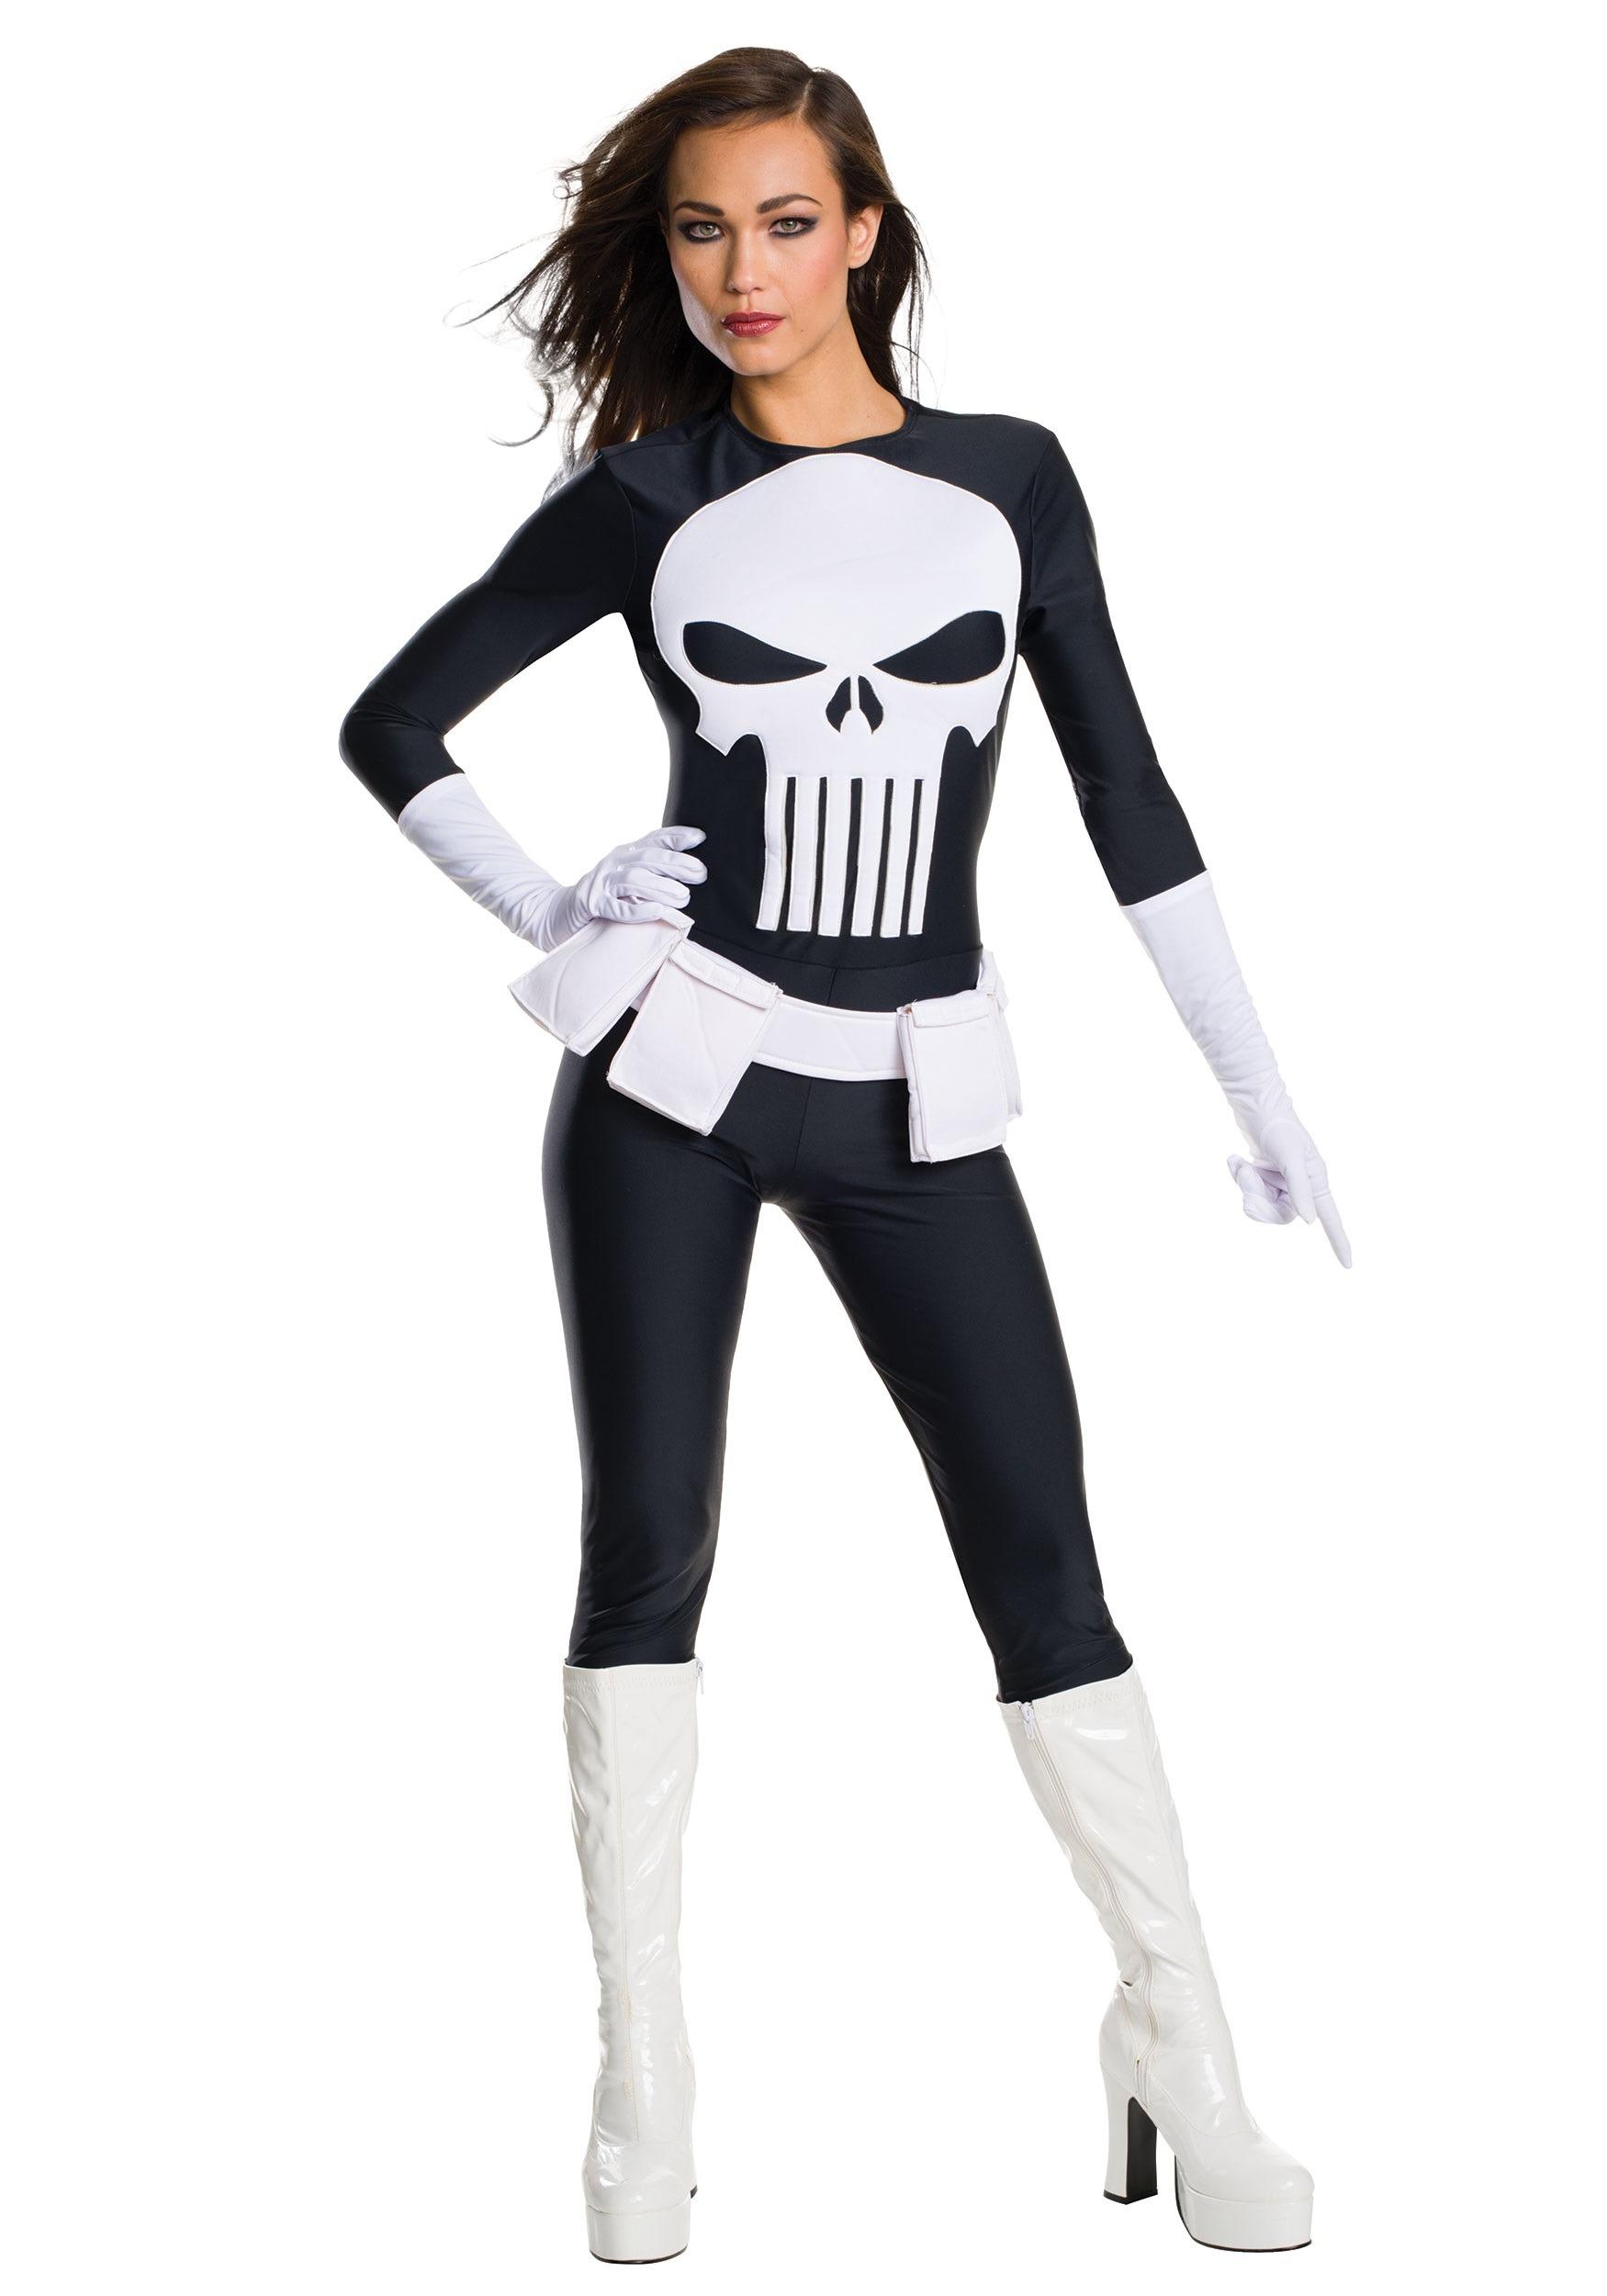 Women's Punisher Costume RU810872